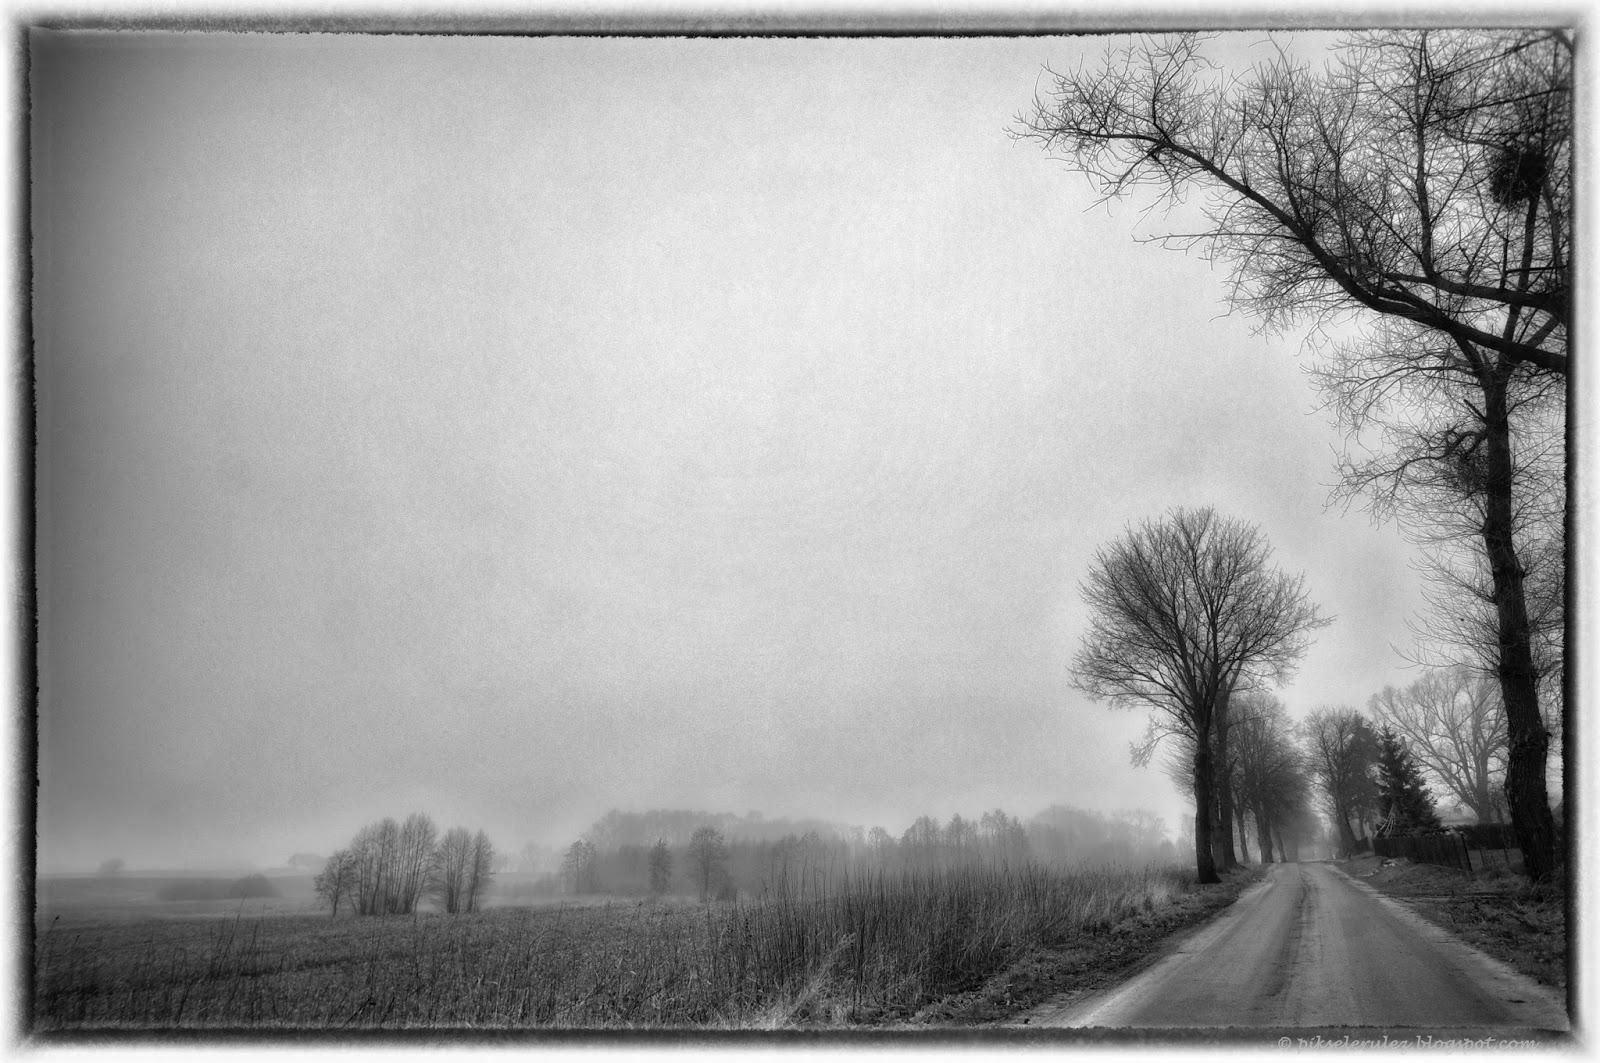 lotyń, bory tucholskie, droga, wieś